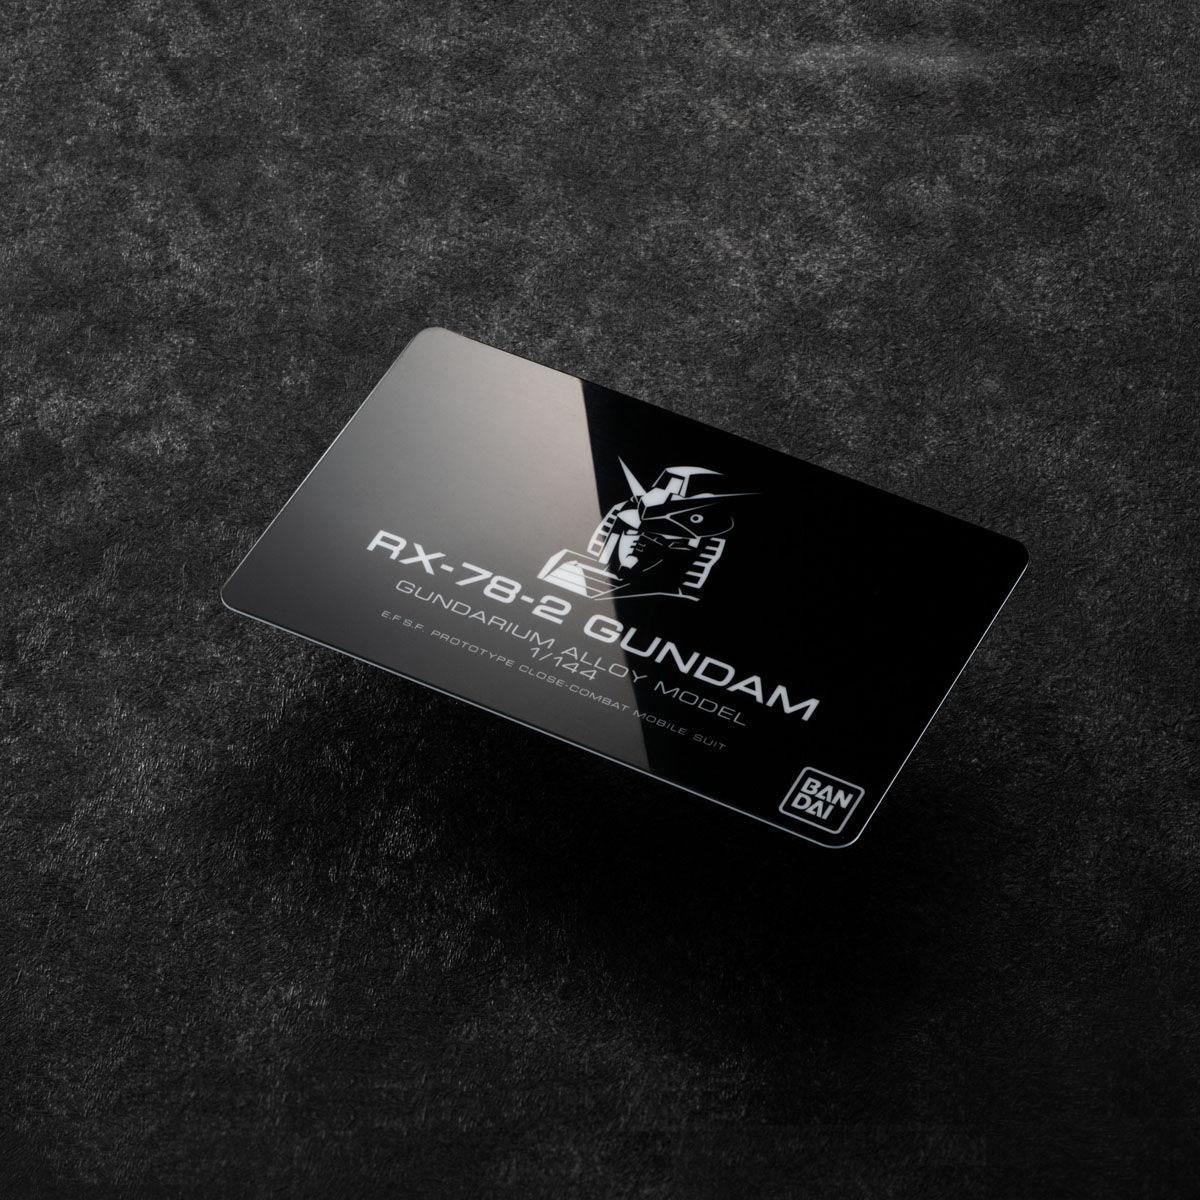 【限定販売】ガンダリウム合金モデル『RX-78-2 ガンダム』1/144 合金モデル-008